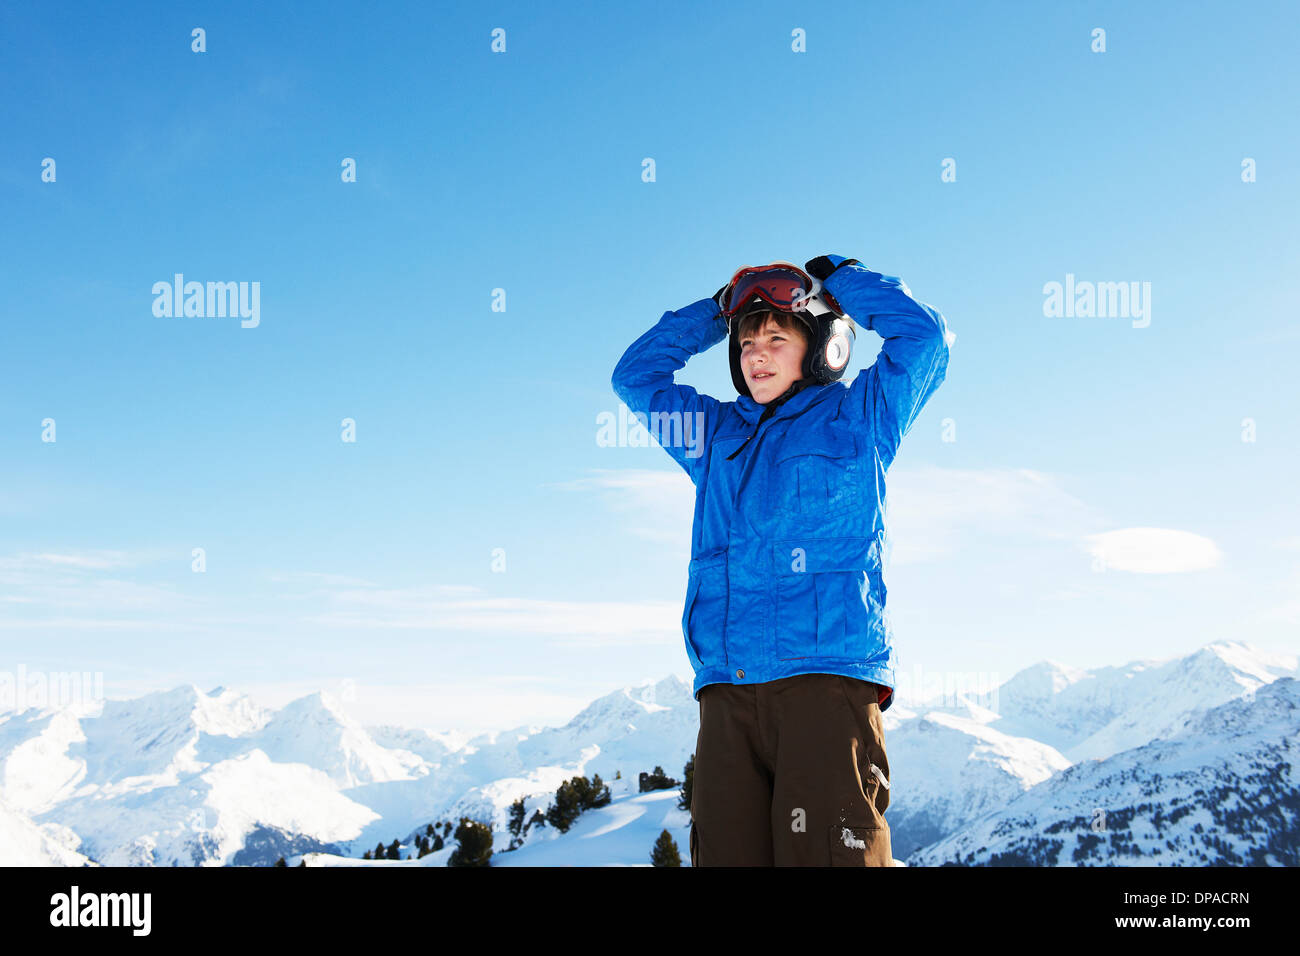 Porträt eines jungen mit Hände am Kopf, Les Arcs, Haute-Savoie, Frankreich Stockbild